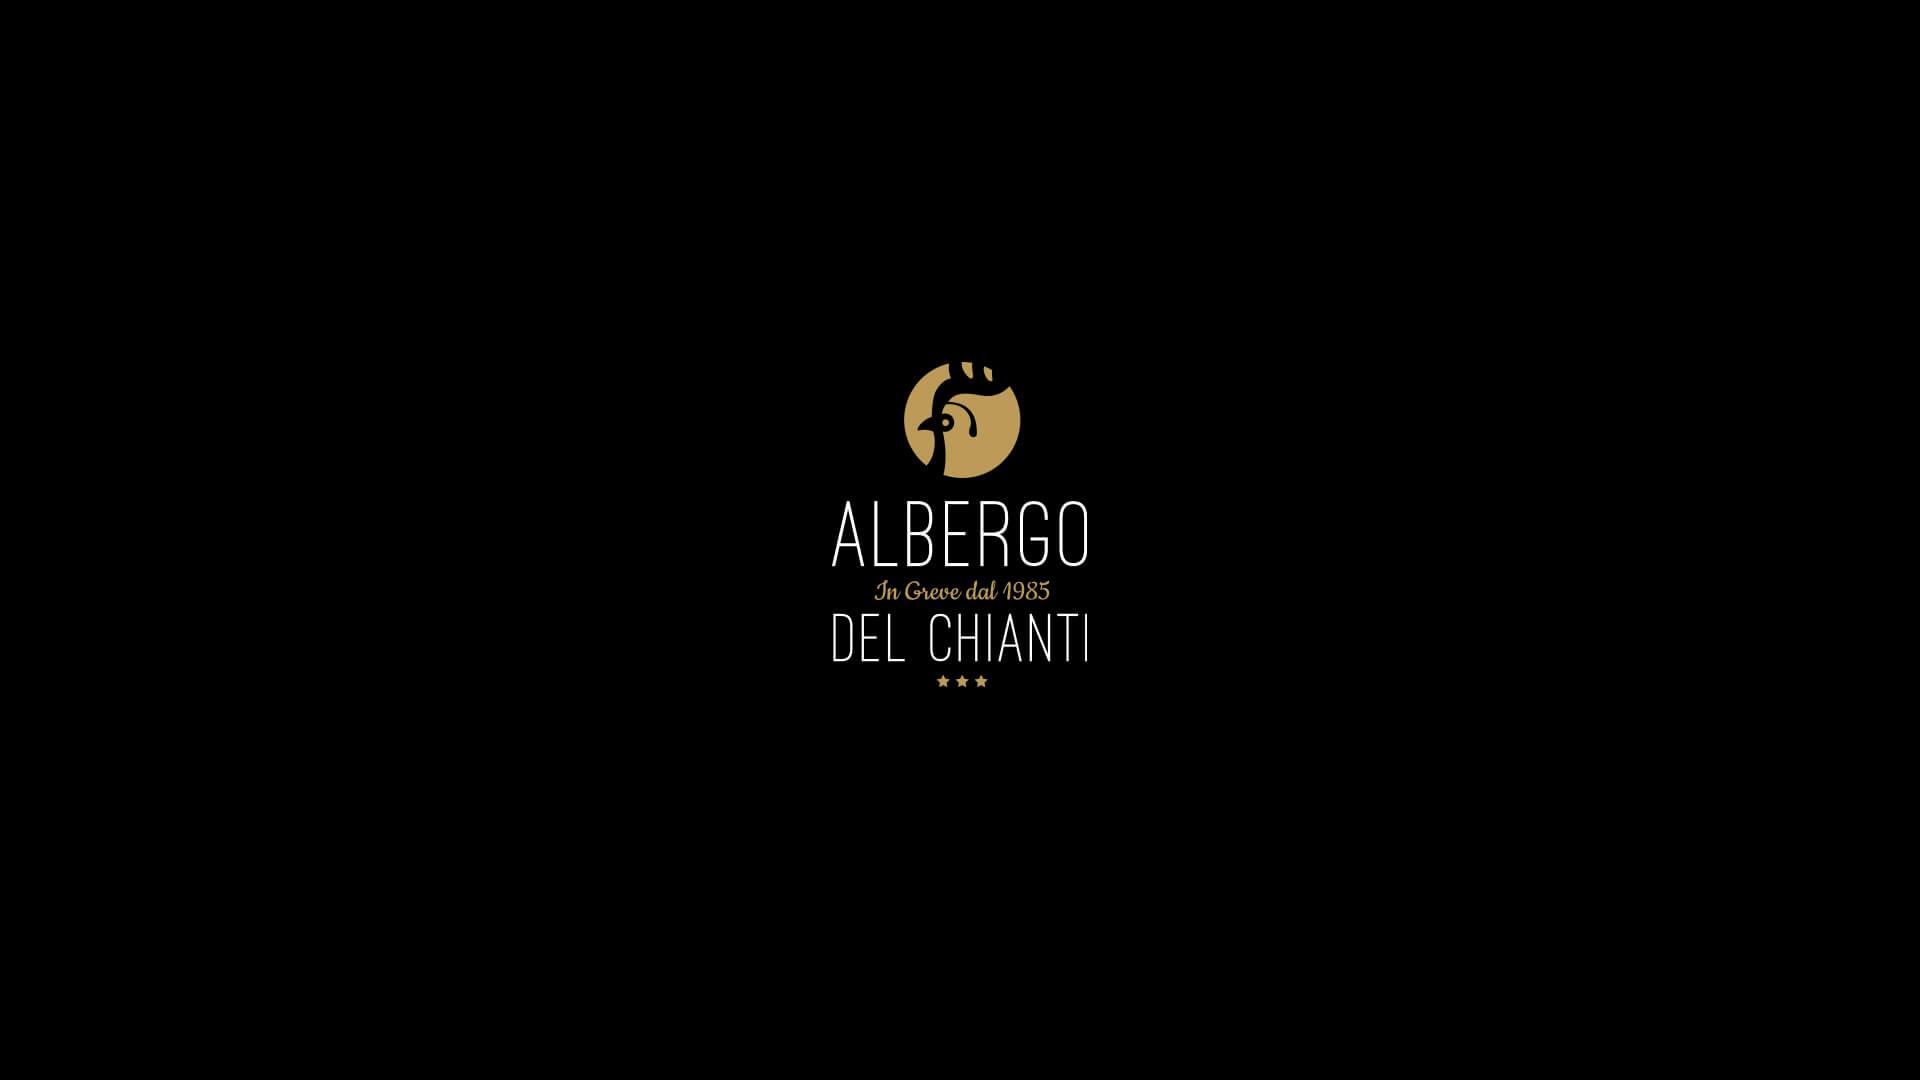 Albergo del Chianti Logo on a black Background